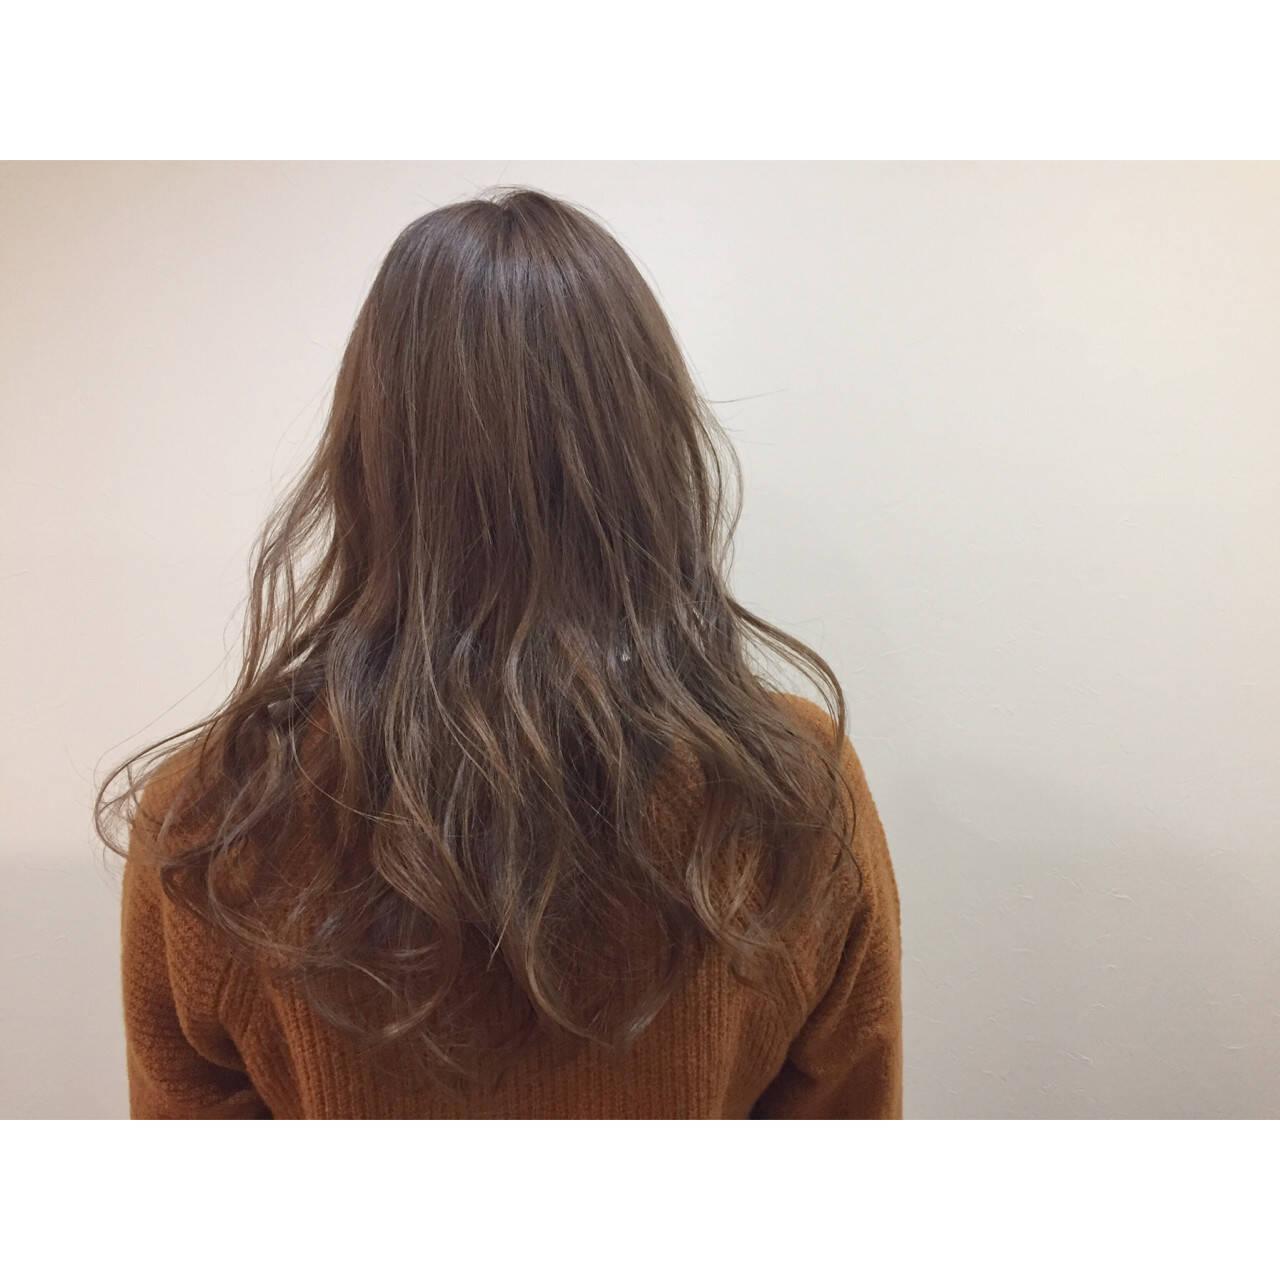 アッシュ 外国人風 フェミニン セミロングヘアスタイルや髪型の写真・画像